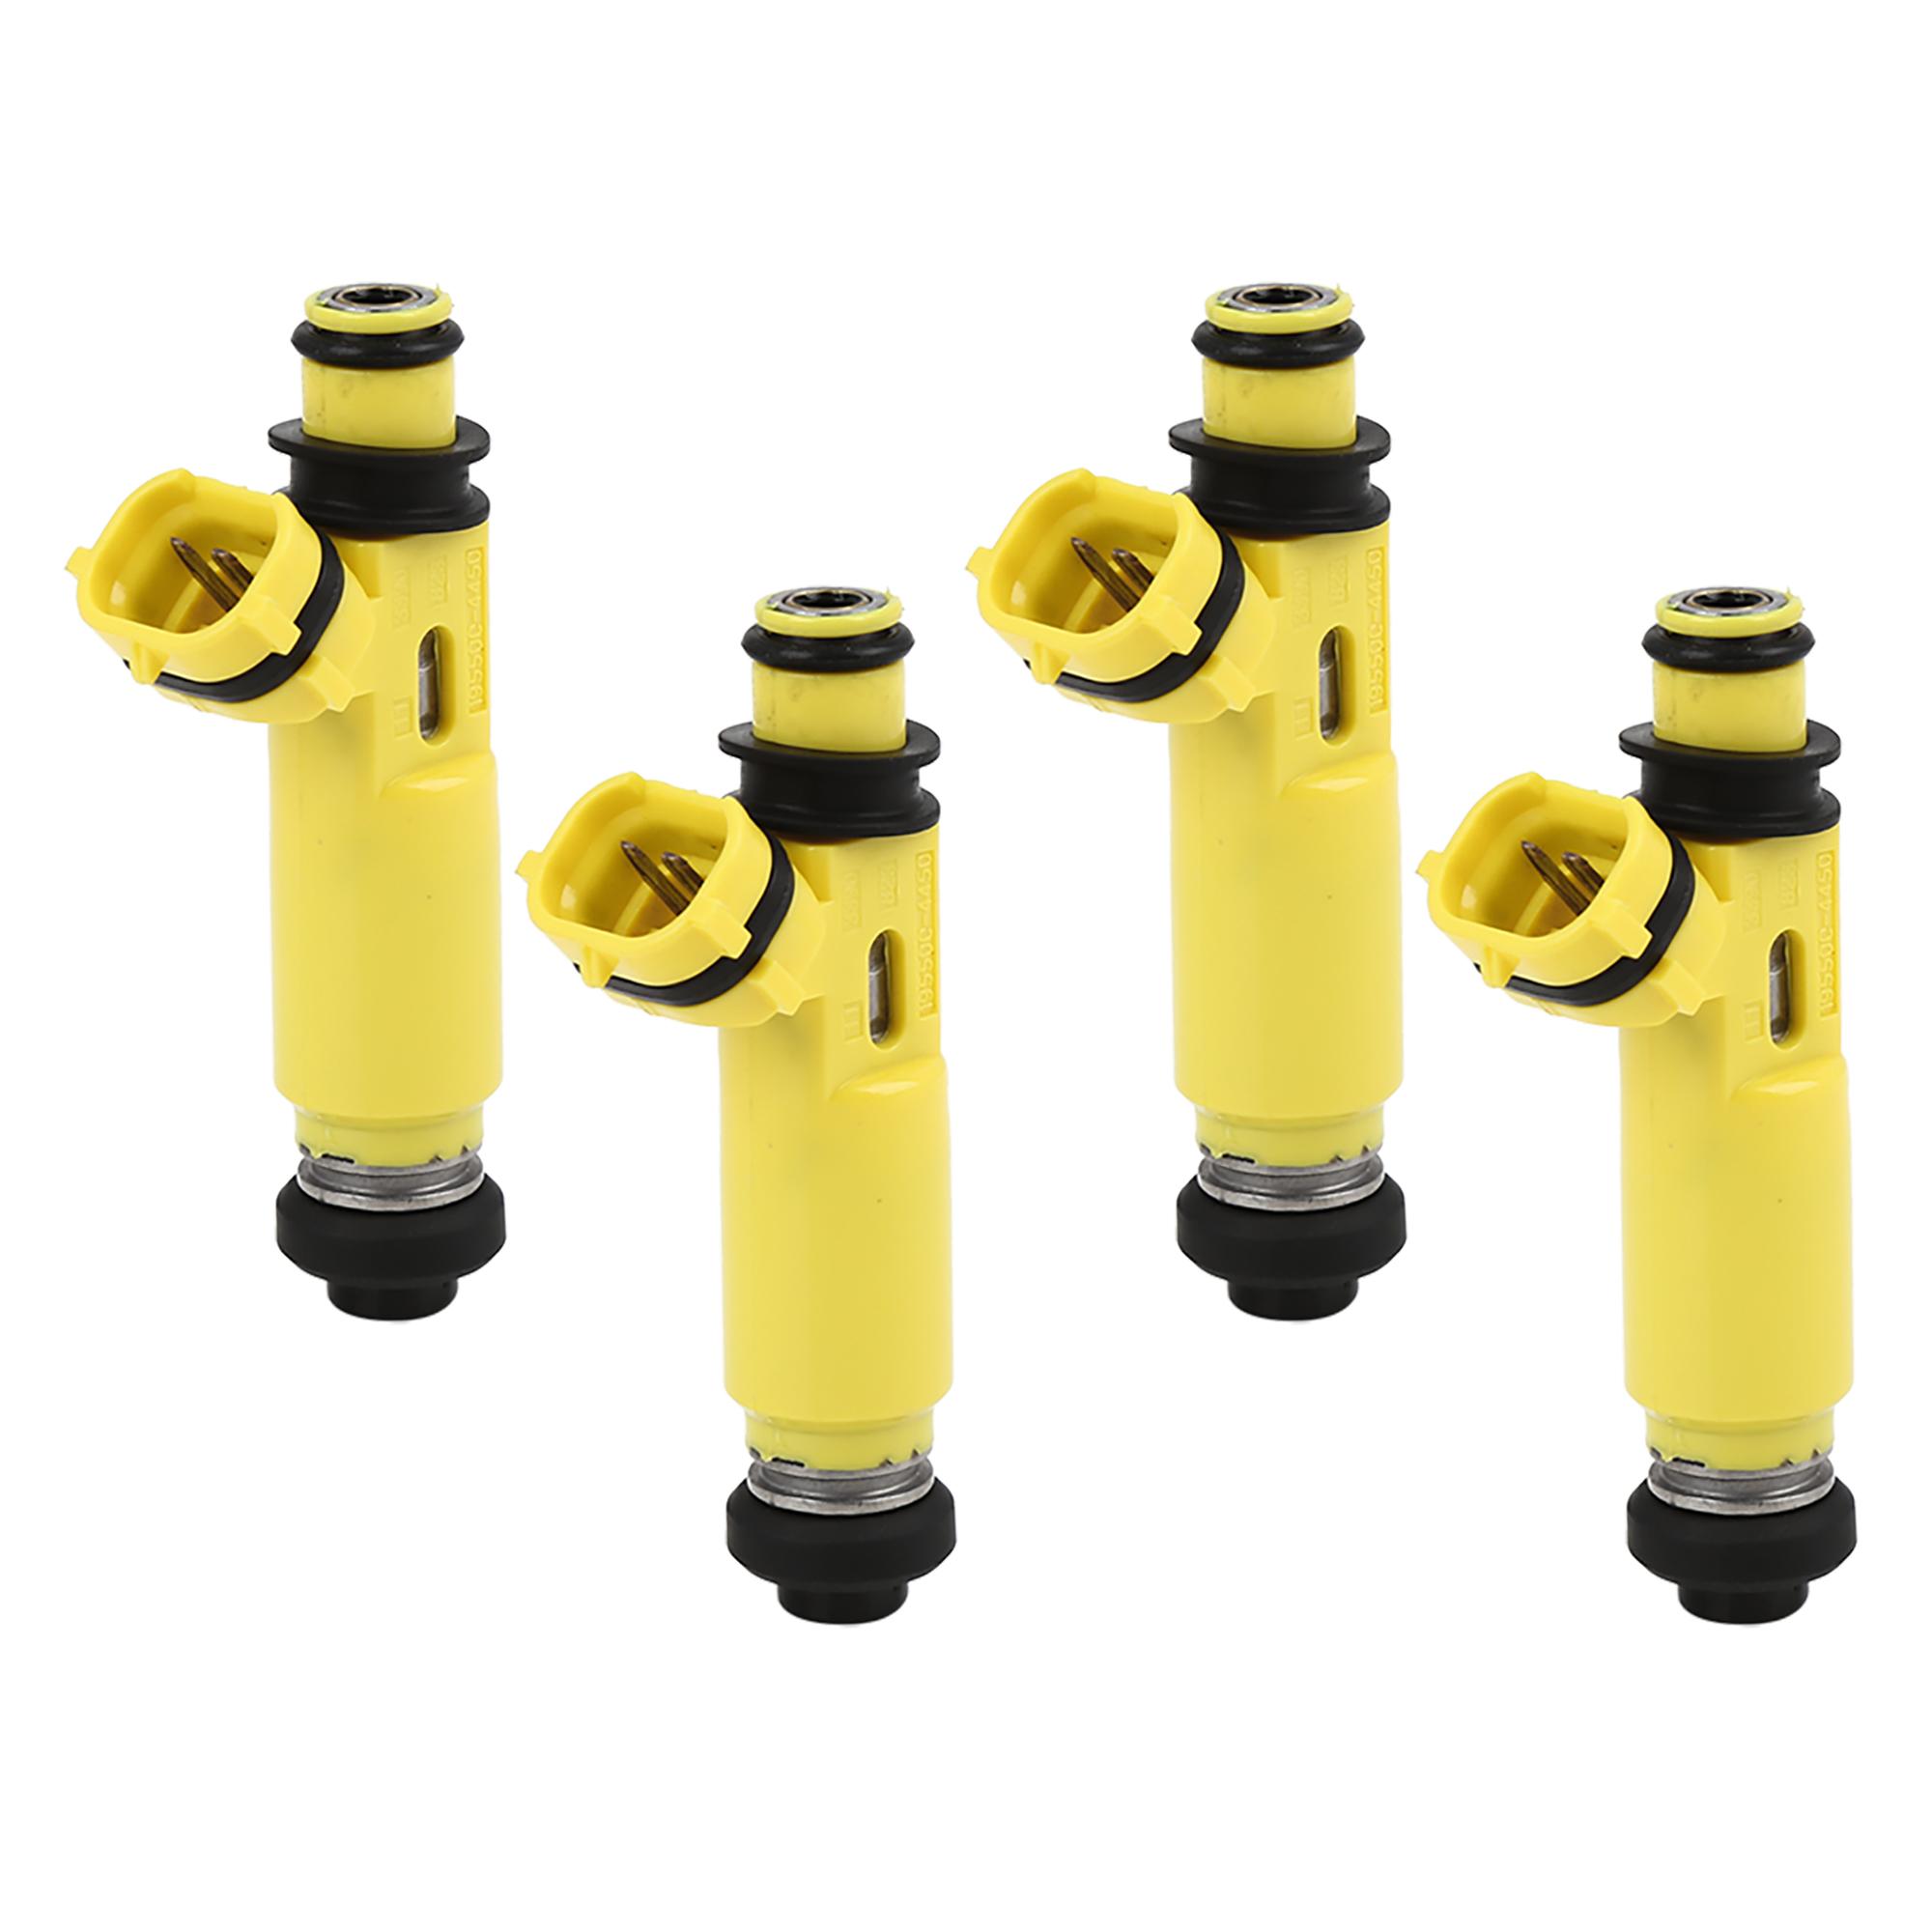 4pcs New Plastic Fuel Injector Nozzle 195500-4450 for 04-09 Mazda RX-8